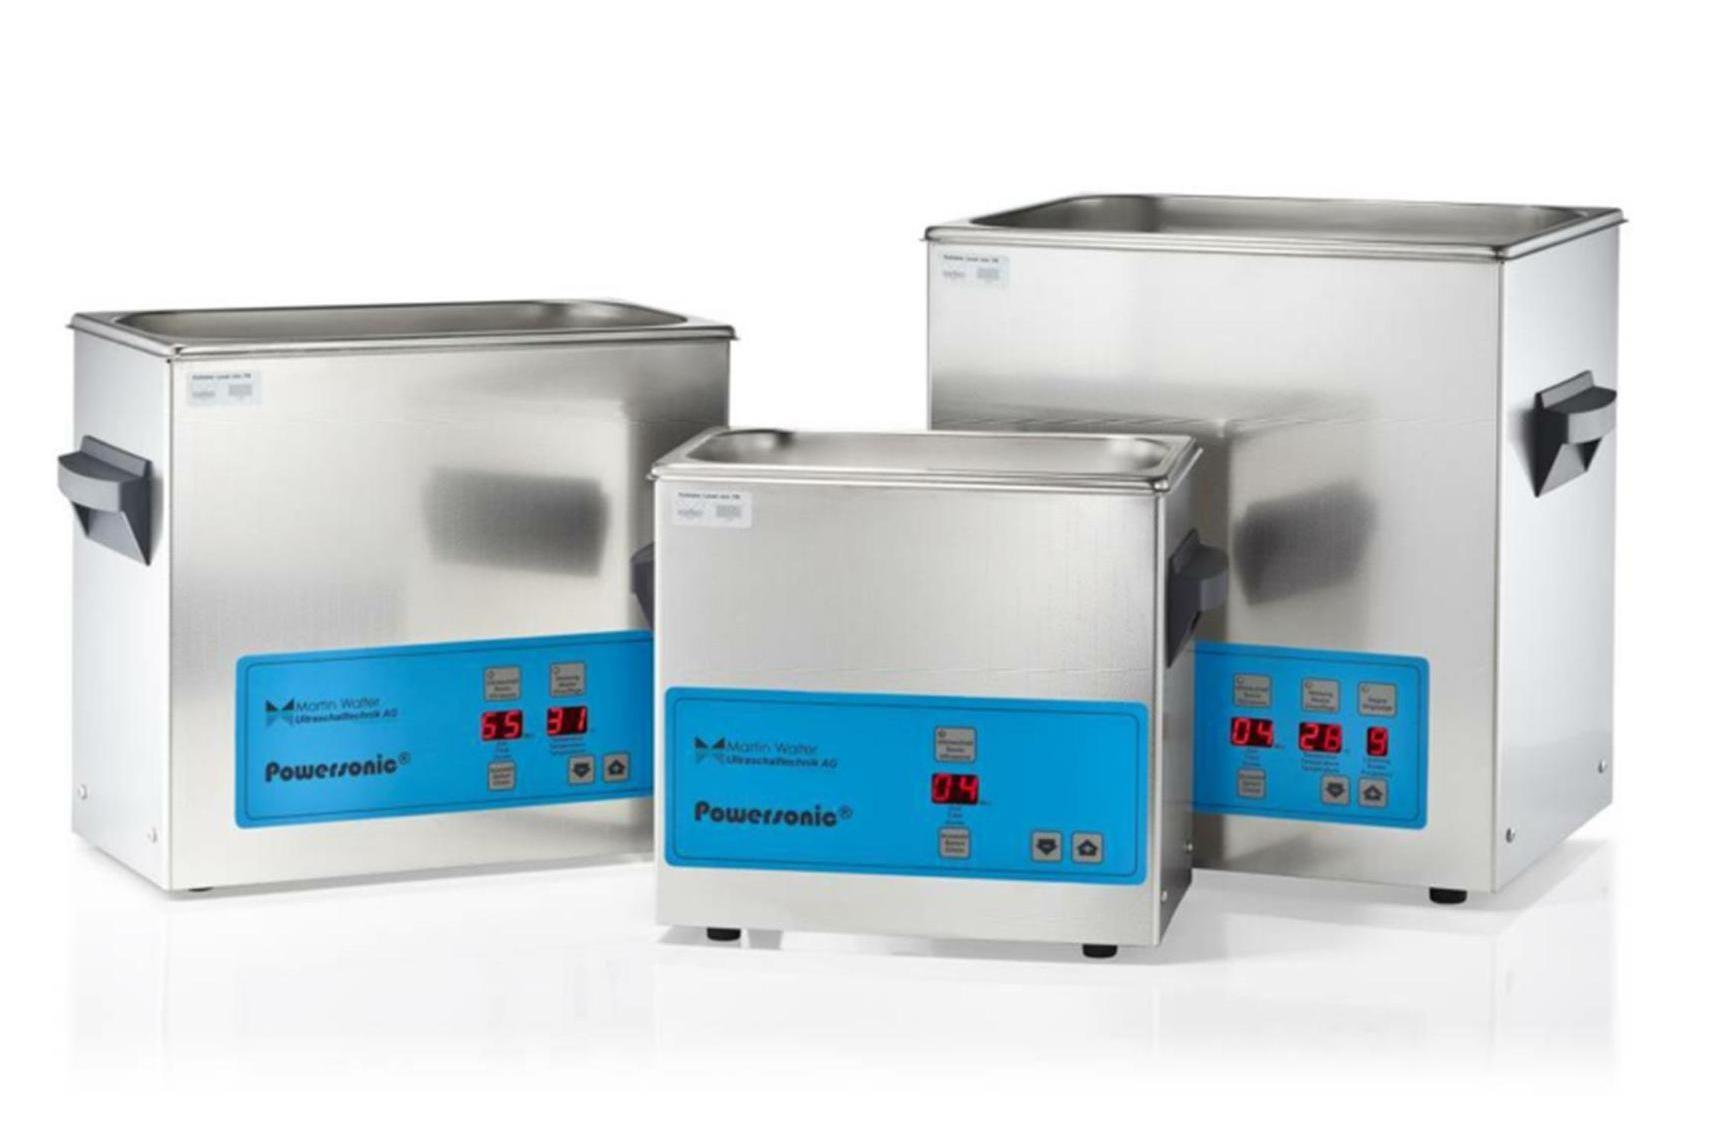 Cuves de nettoyage par ultrasons gamme laboratoire powersonic